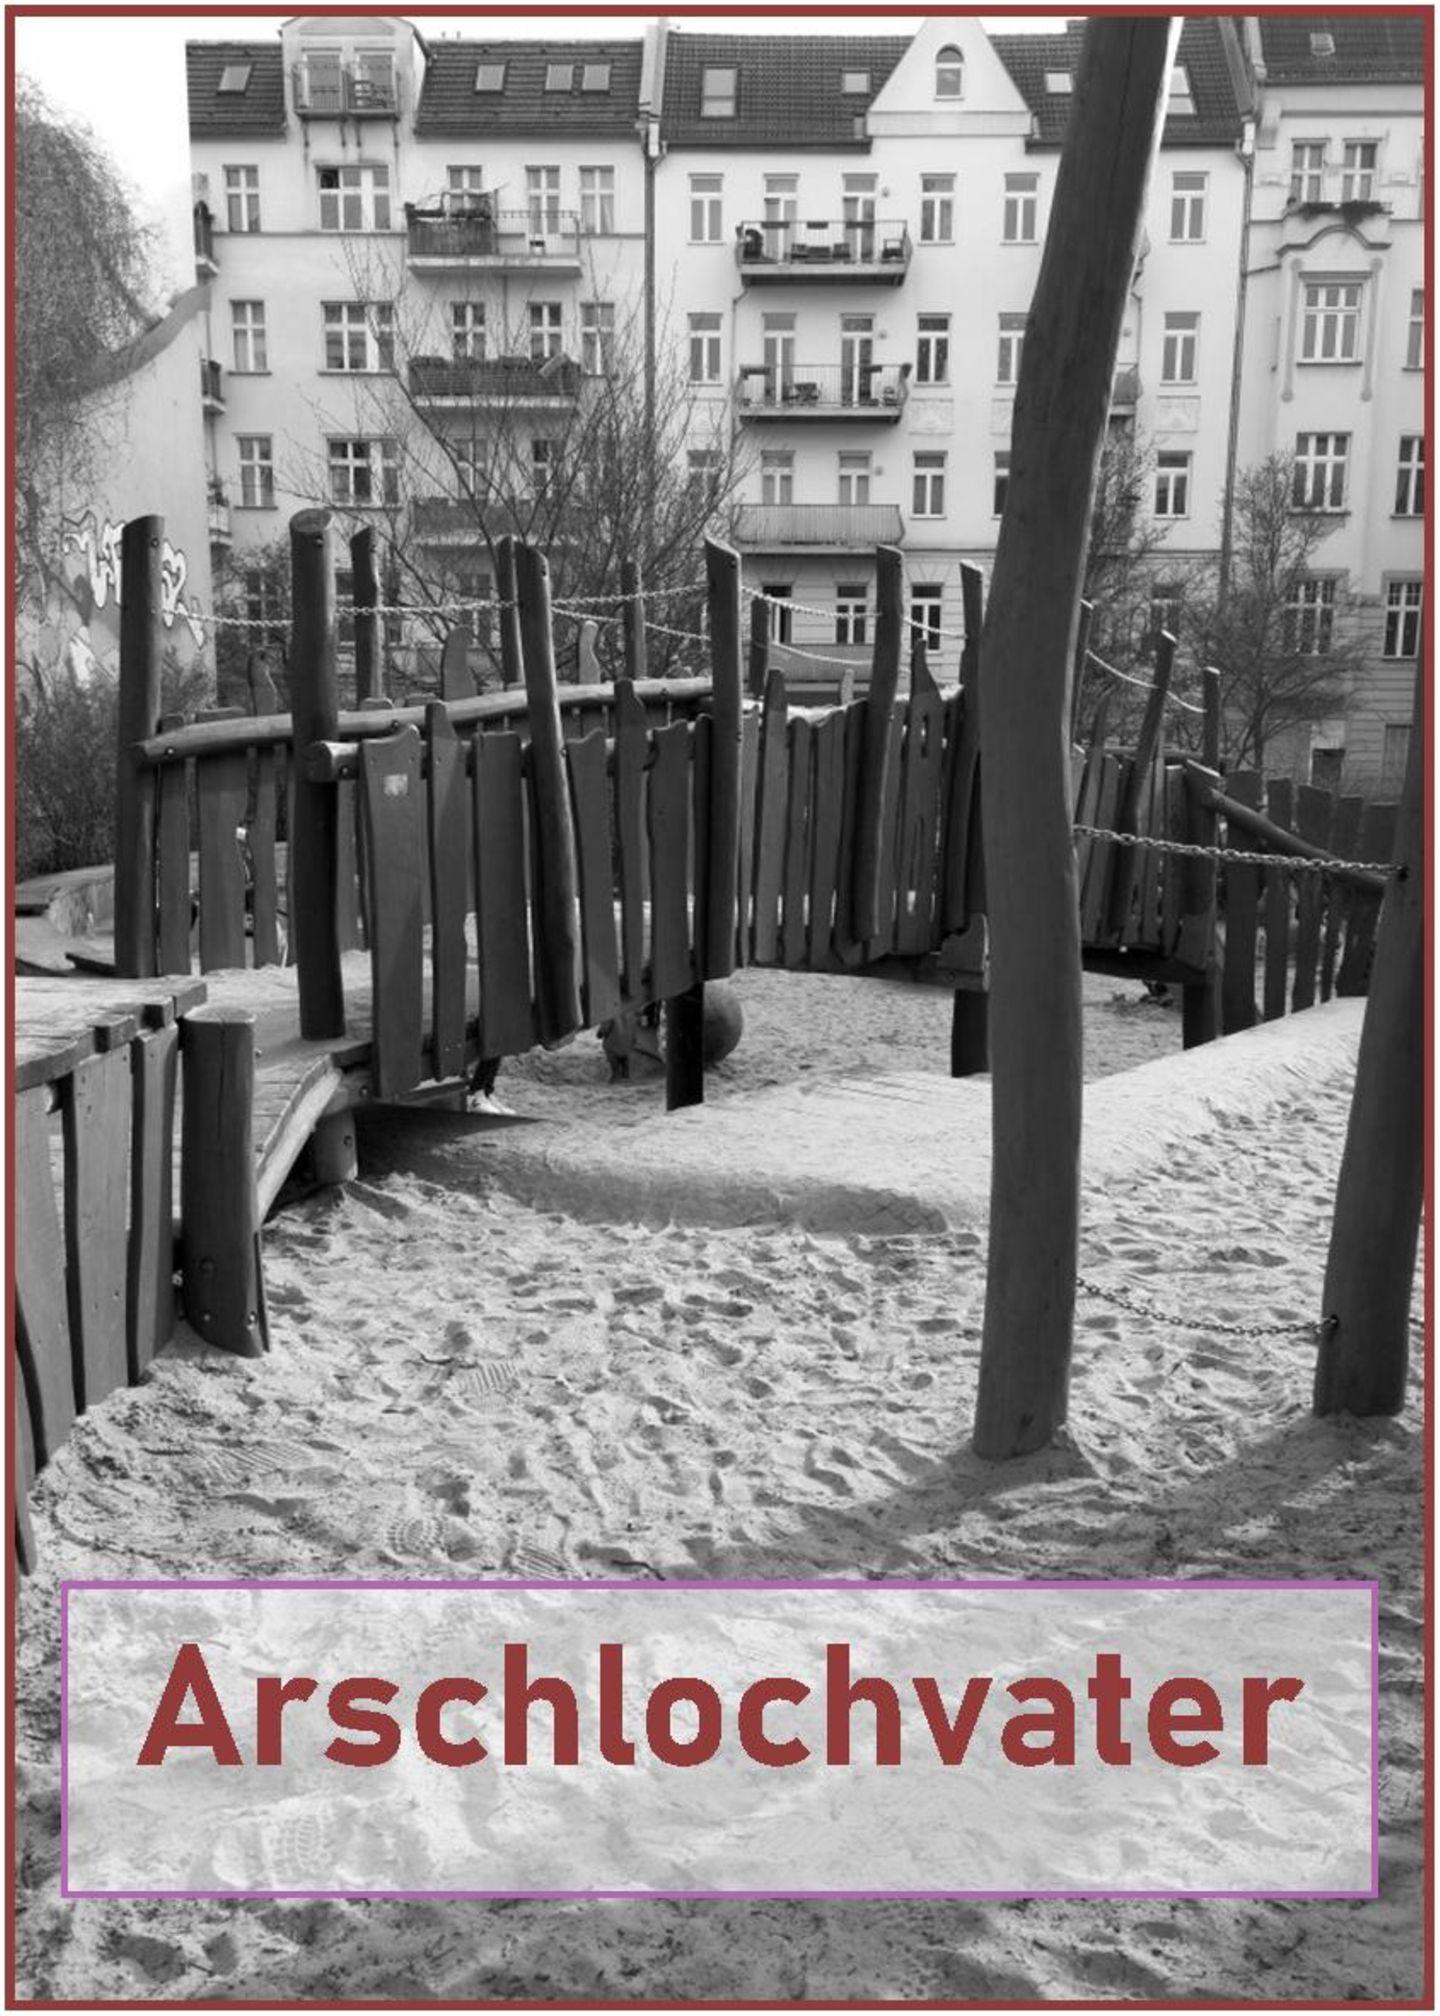 Blog Große Köpfe, Arschlochvater